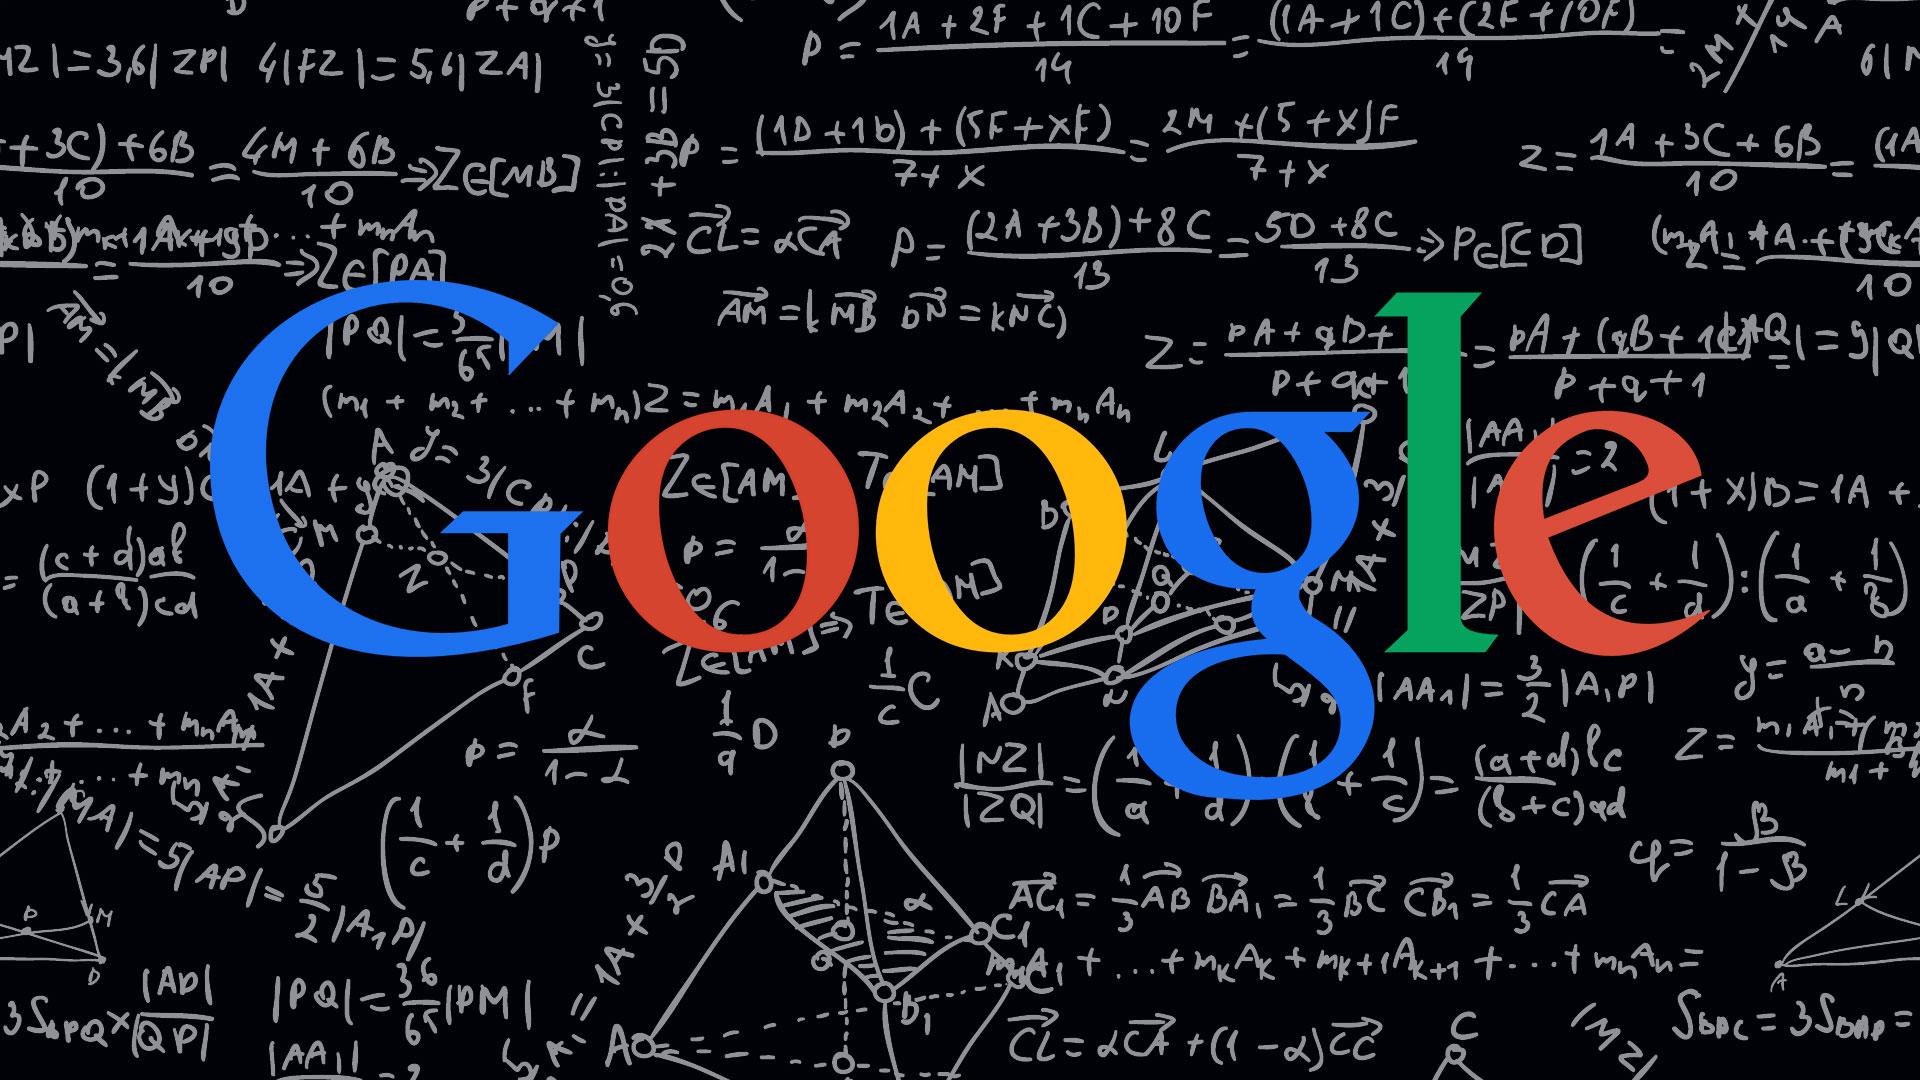 Agence de référencement dans le Nord et l'Est de la France : les mises à jour de l'algorithme Google – k4tegori